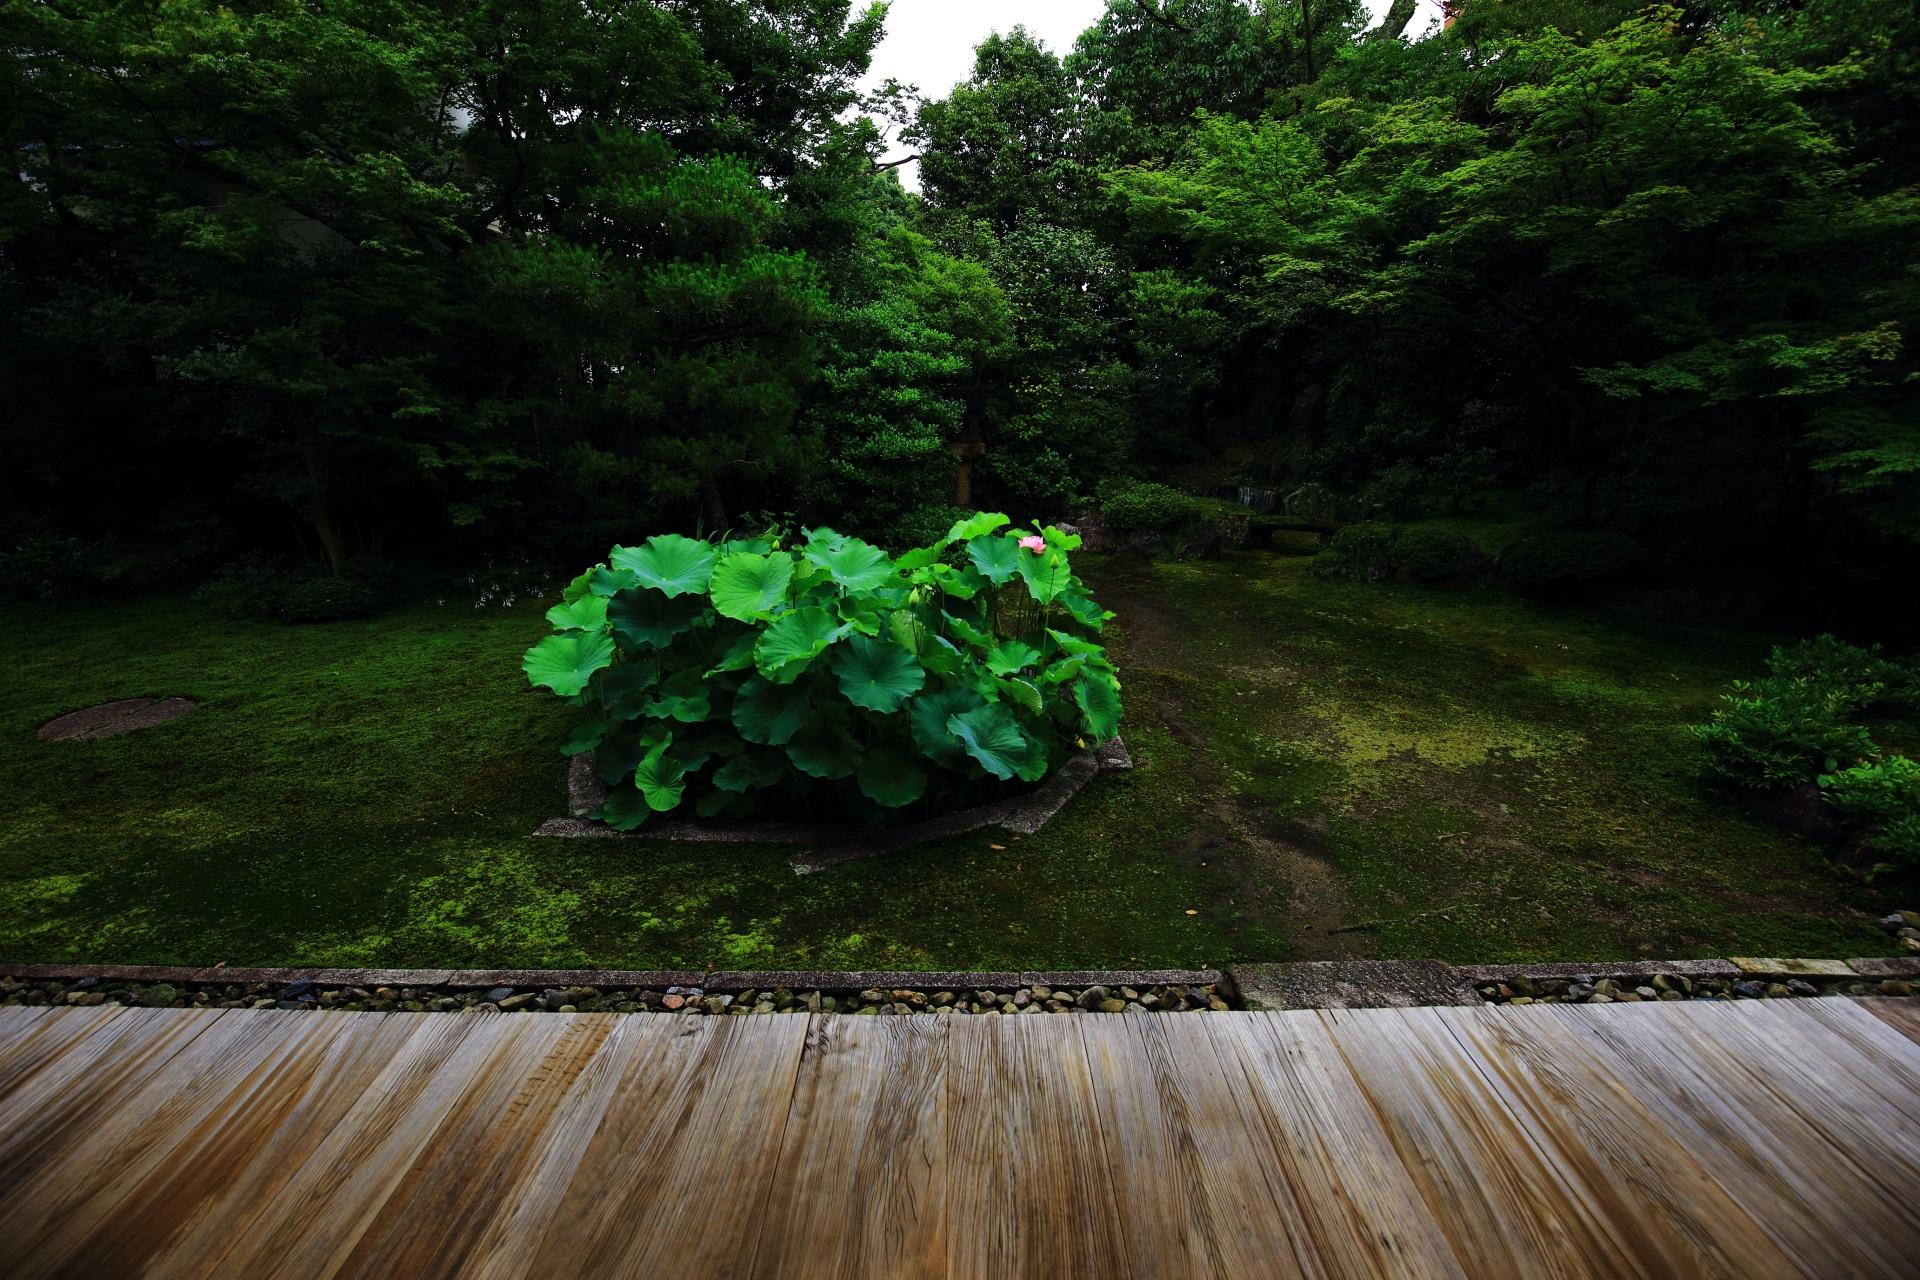 本法寺の枯山水庭園にある十角形の蓮池